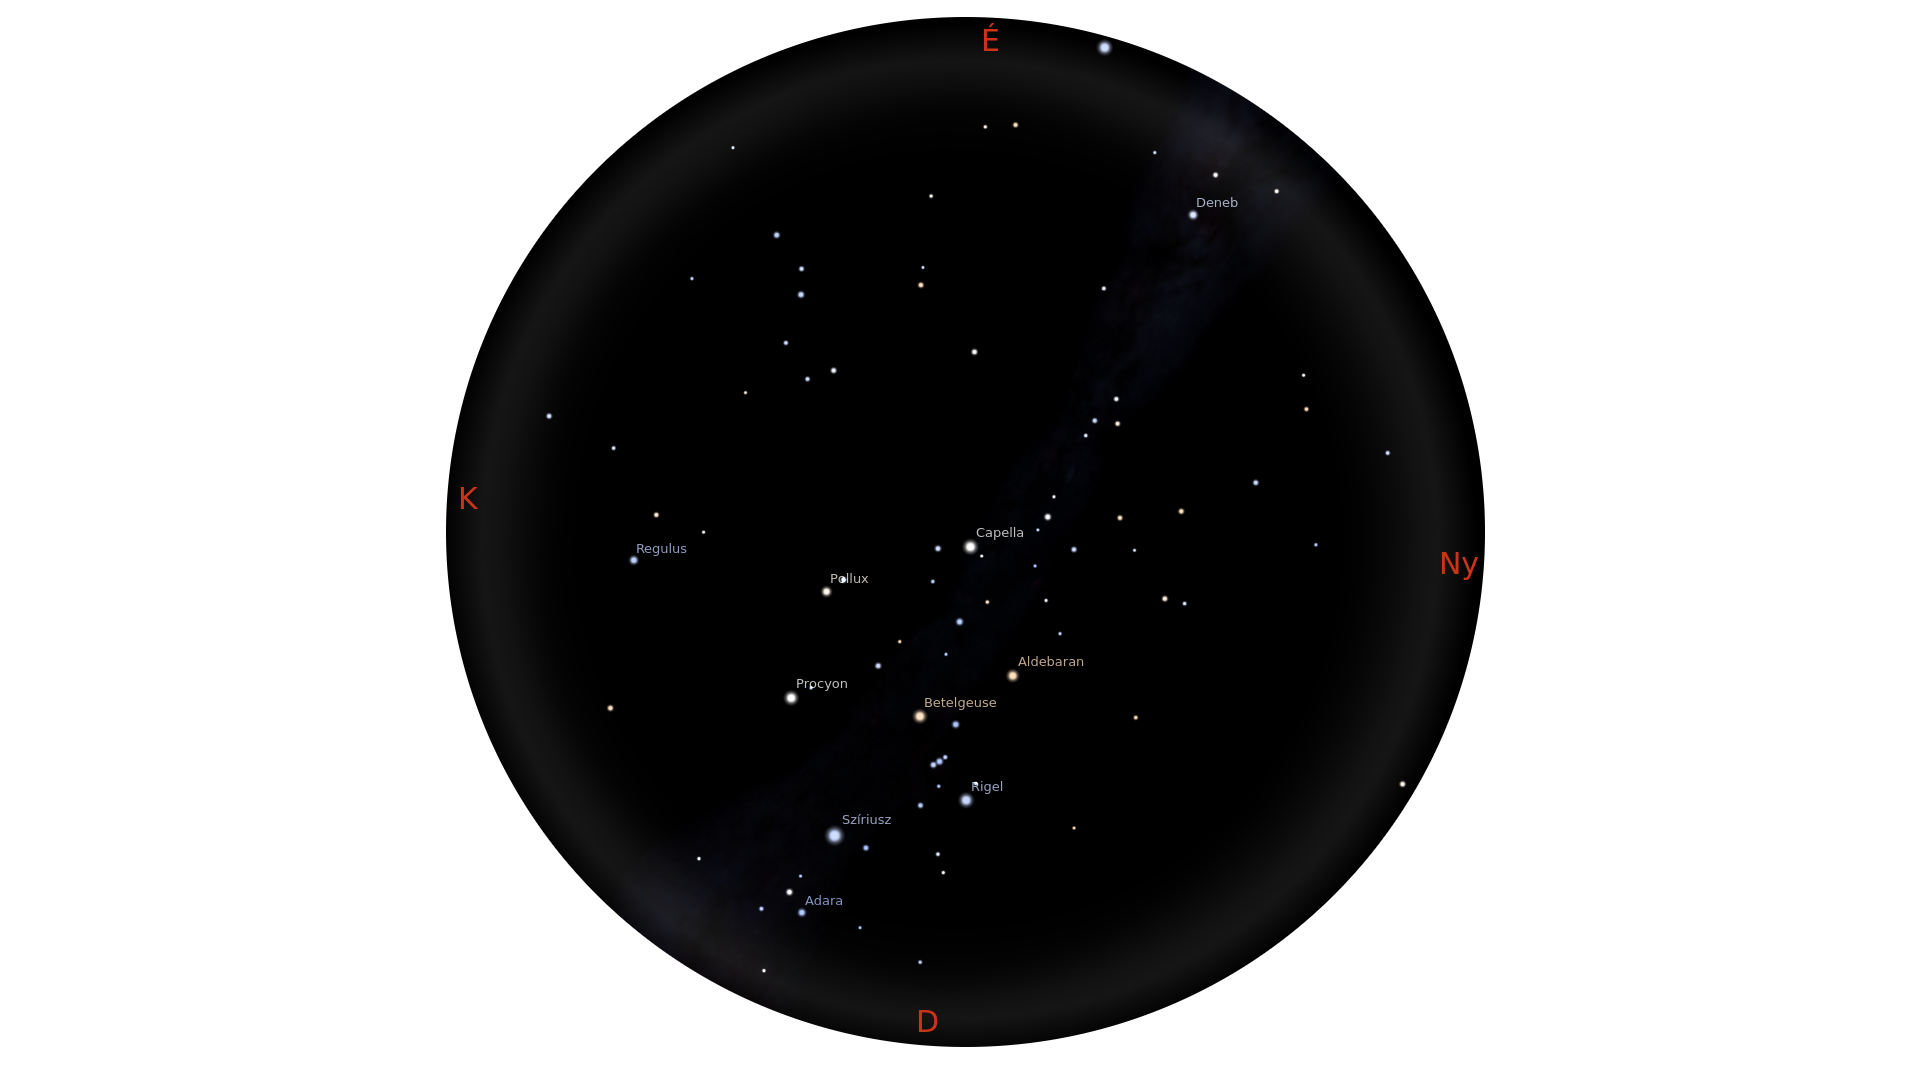 Téli csillagok, 3-as határmagnitúdó